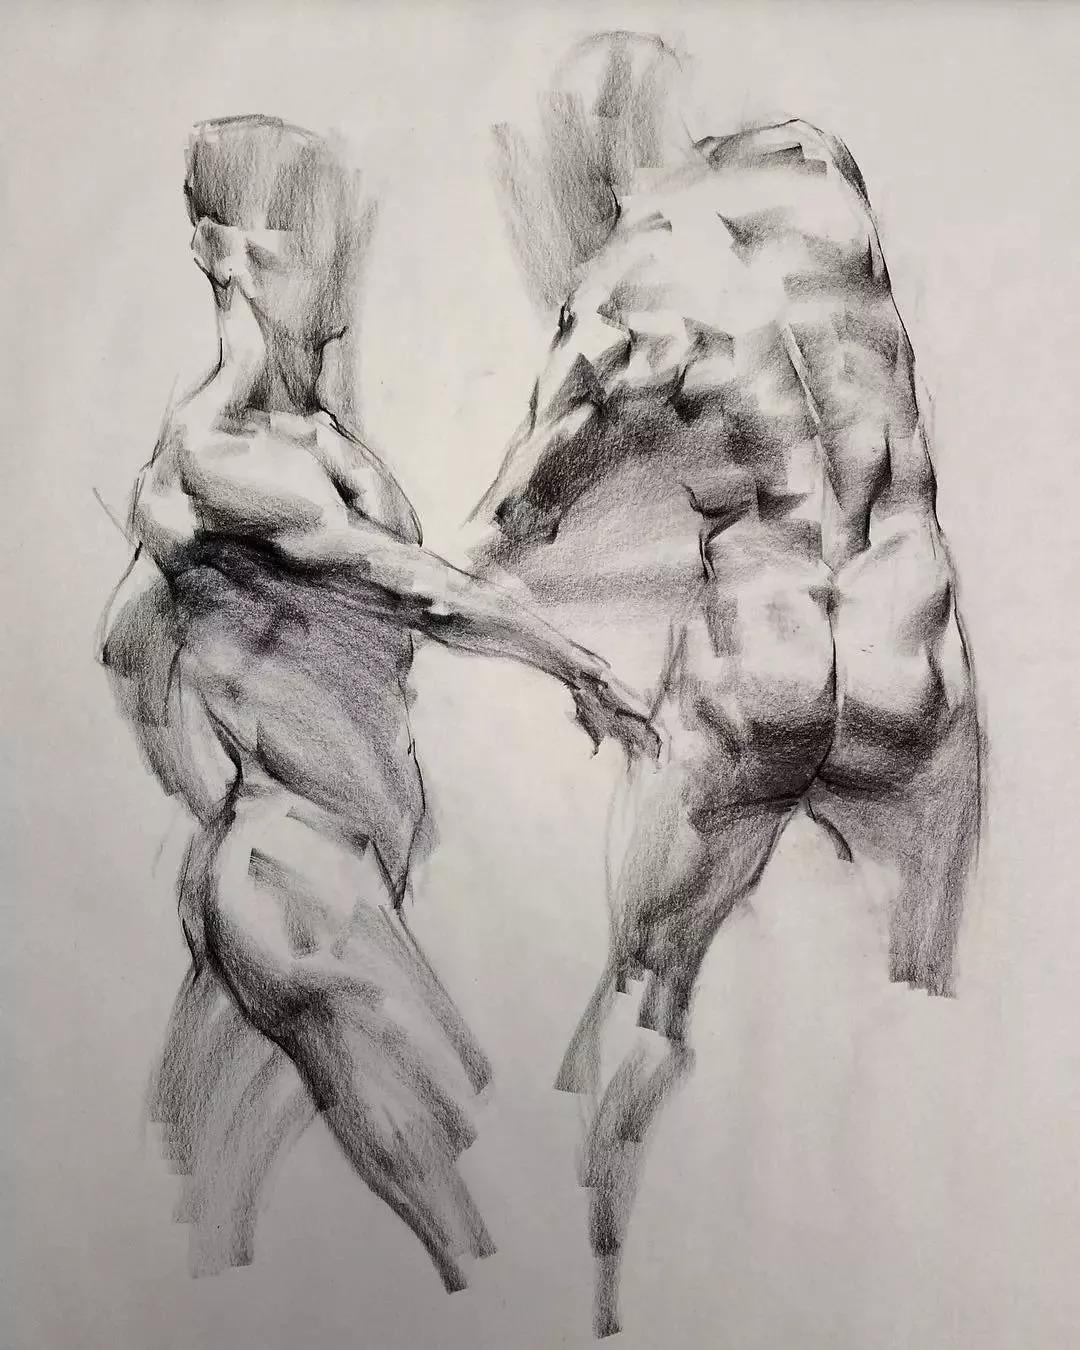 大刀阔斧的木炭条人体素描,却尽显画家的细腻